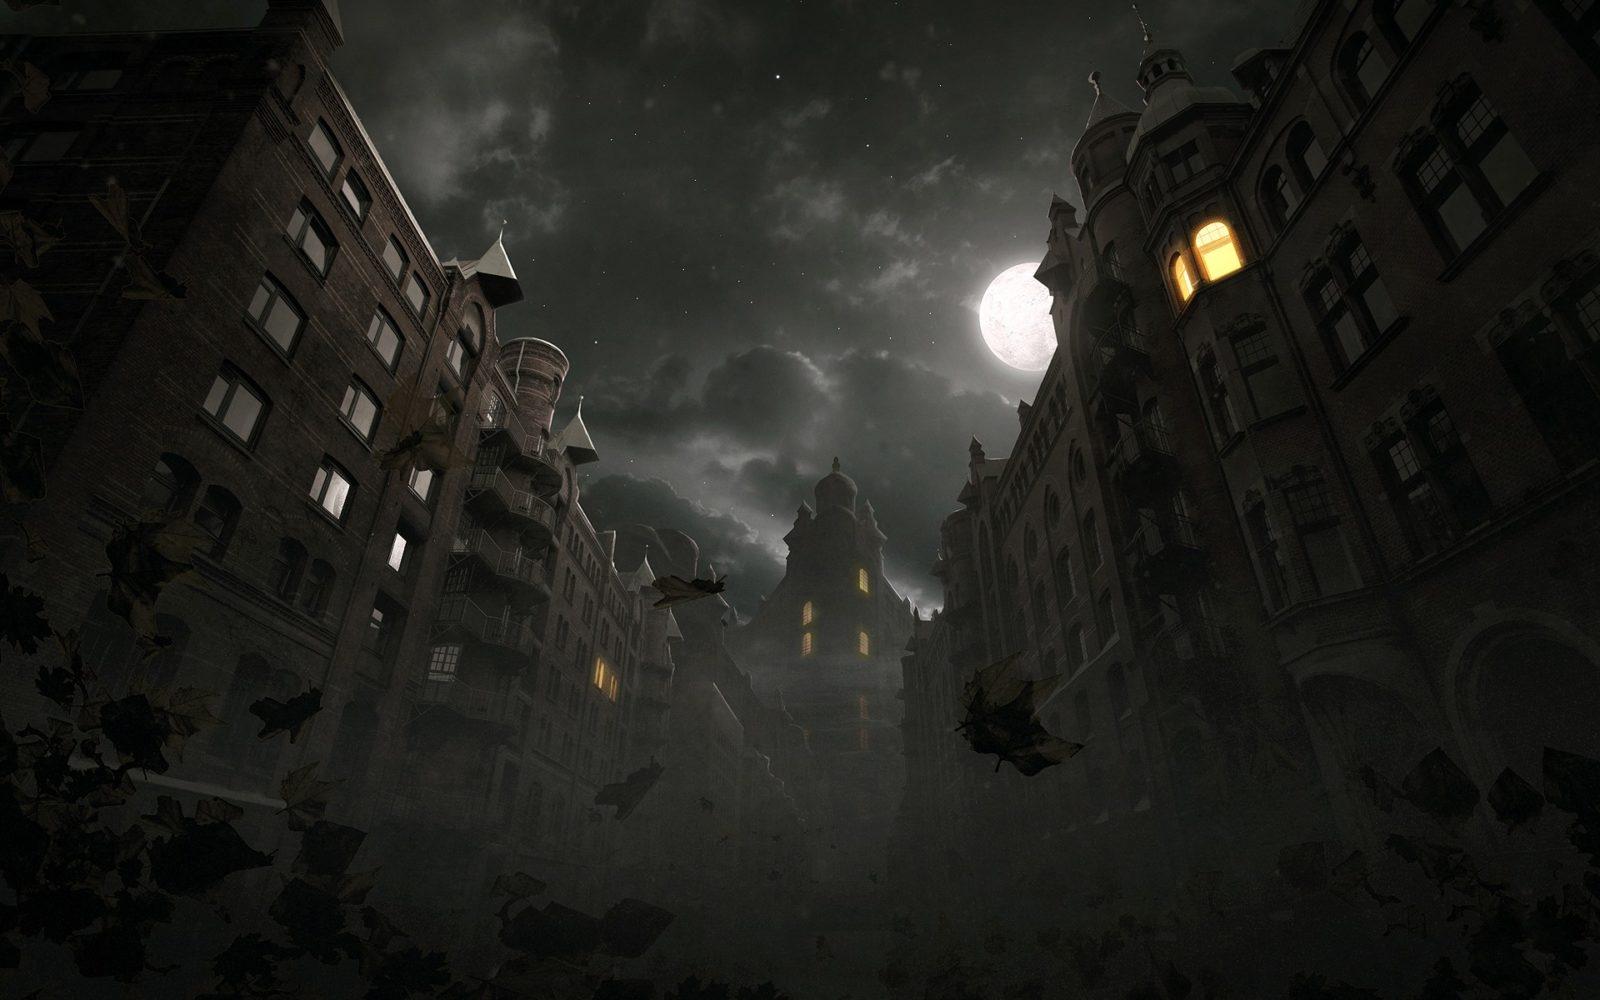 gandex.ru 20809 6df3e3c6ea75d249cfc721718a5b4c46 - 18 самых опасных городов мира